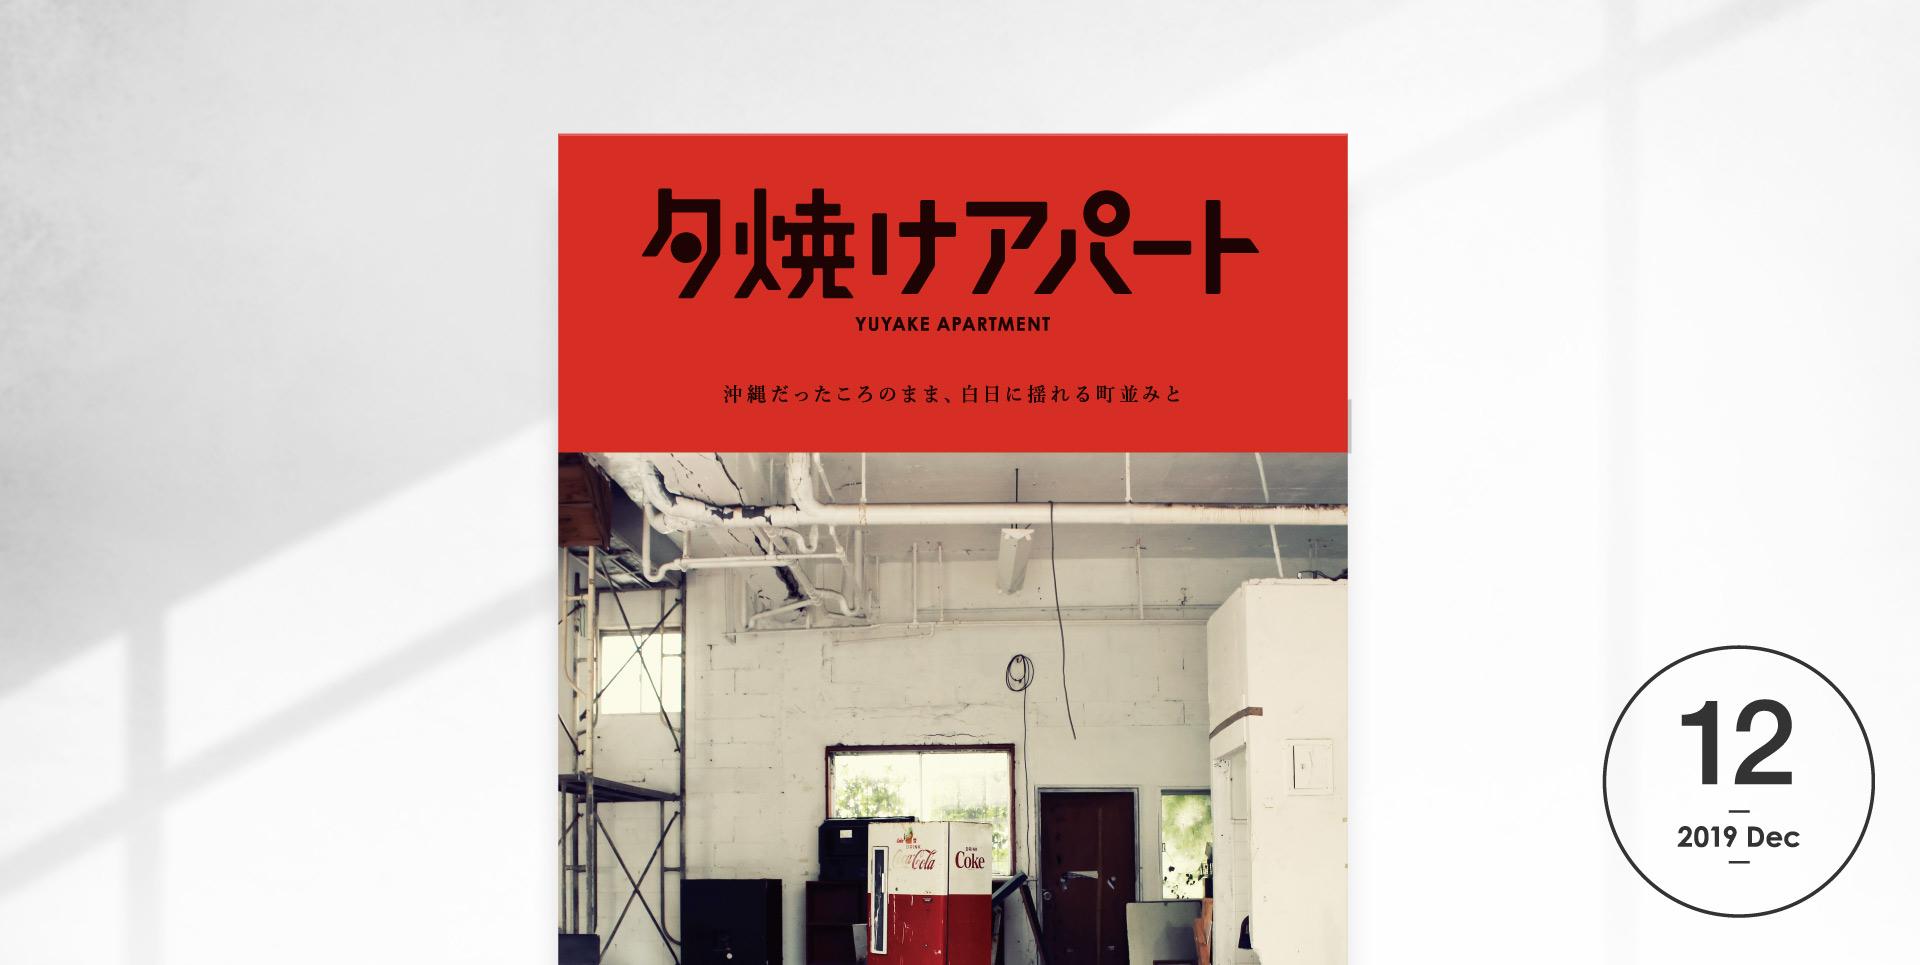 夕焼けアパート 2019年12月 vol.12